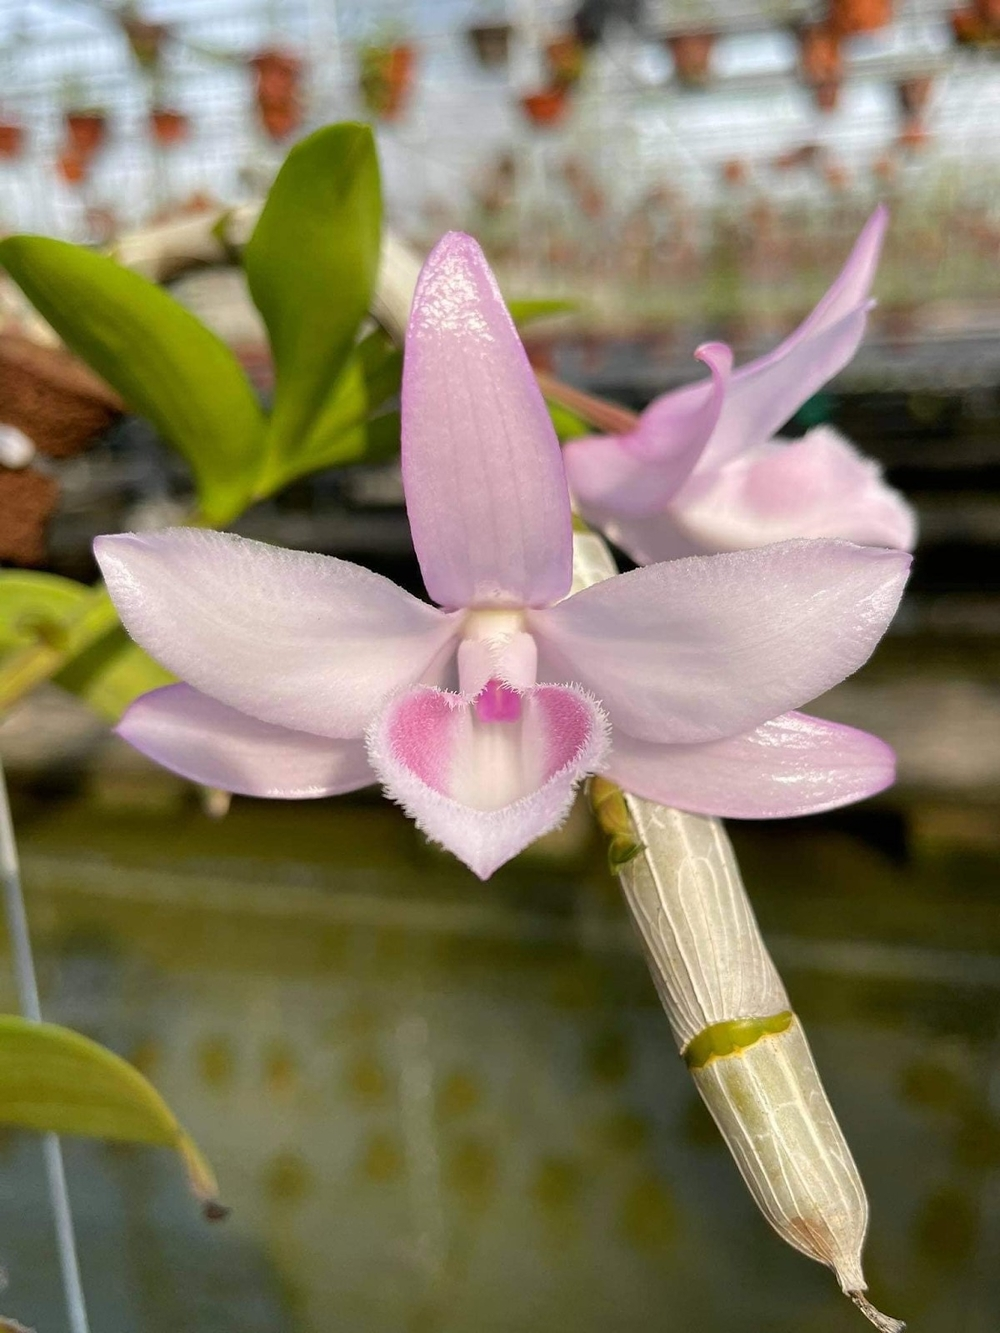 Nghệ nhân Tống Duy Thức: Hoa lan đã mang lại cho tôi nhiều điều đặc biệt Ảnh 3